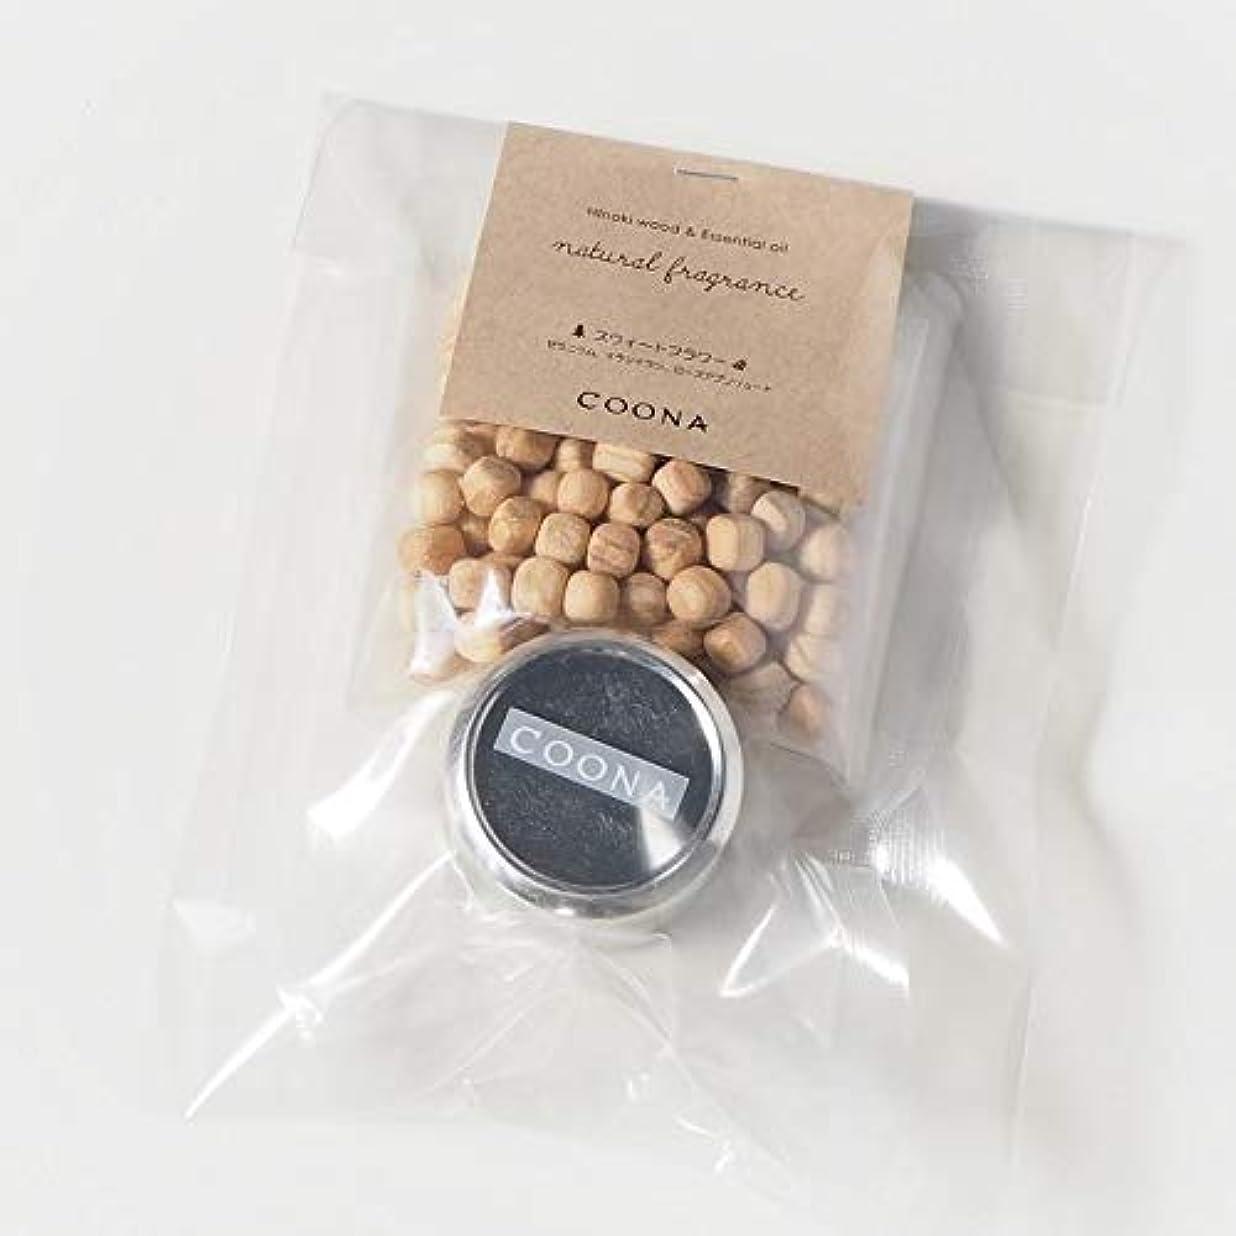 強制呼び起こすパニックヒノキ ウッド& エッセンシャルオイル ナチュラルフレグランス (メタル缶付き, 樹の香り)